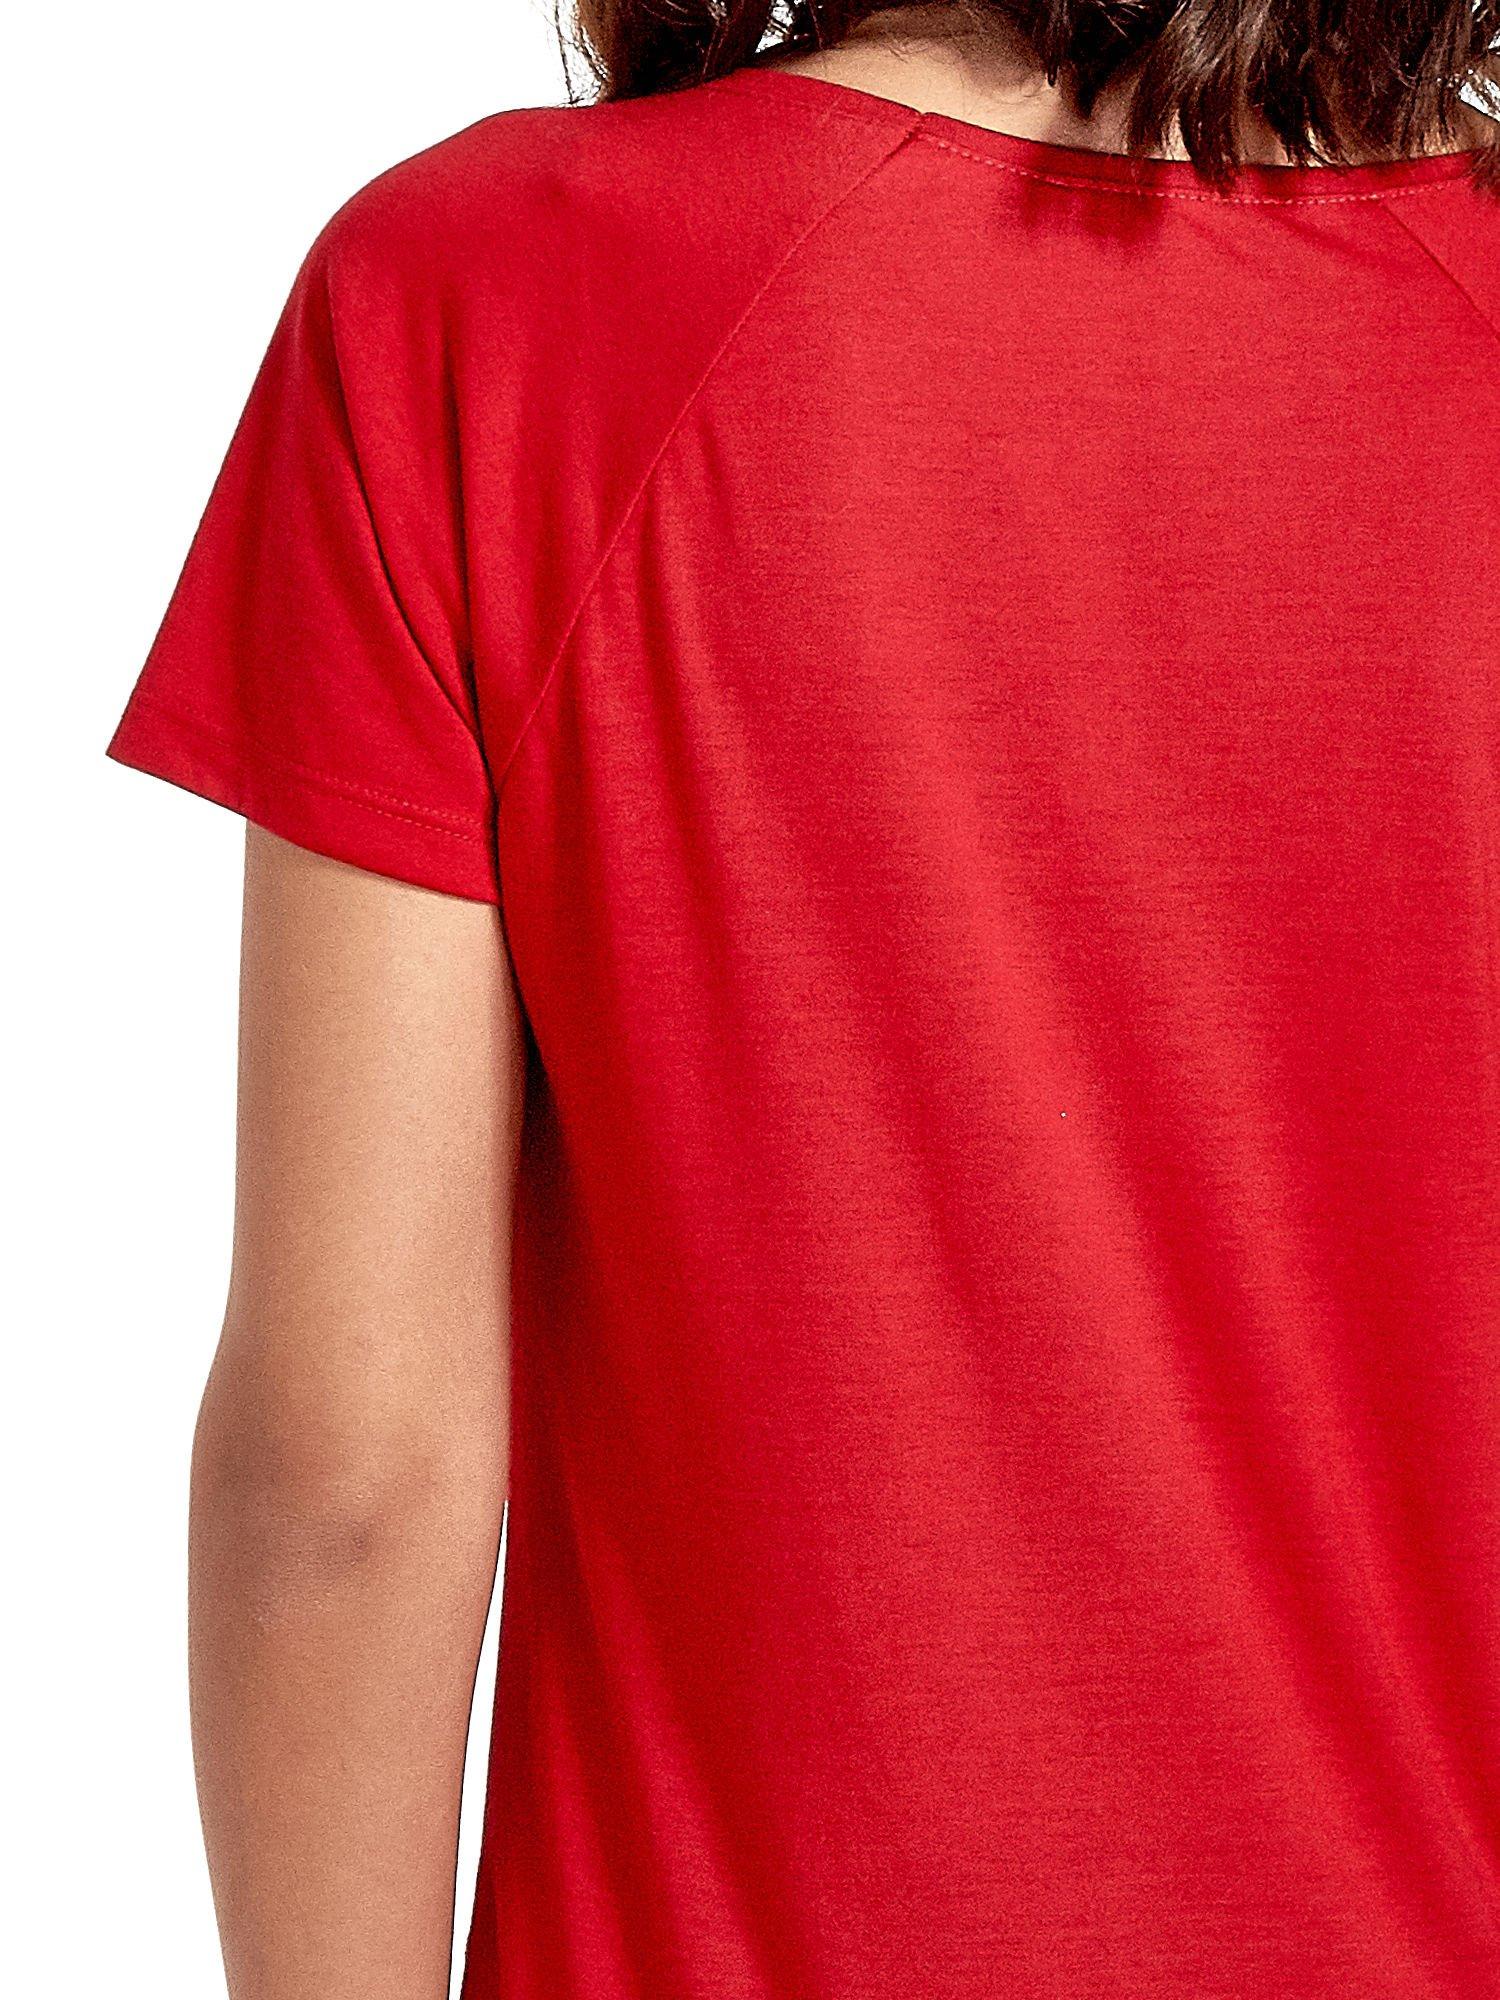 Czerwony t-shirt z napisem GET OUT OF YOUR OWN WAY                                  zdj.                                  5